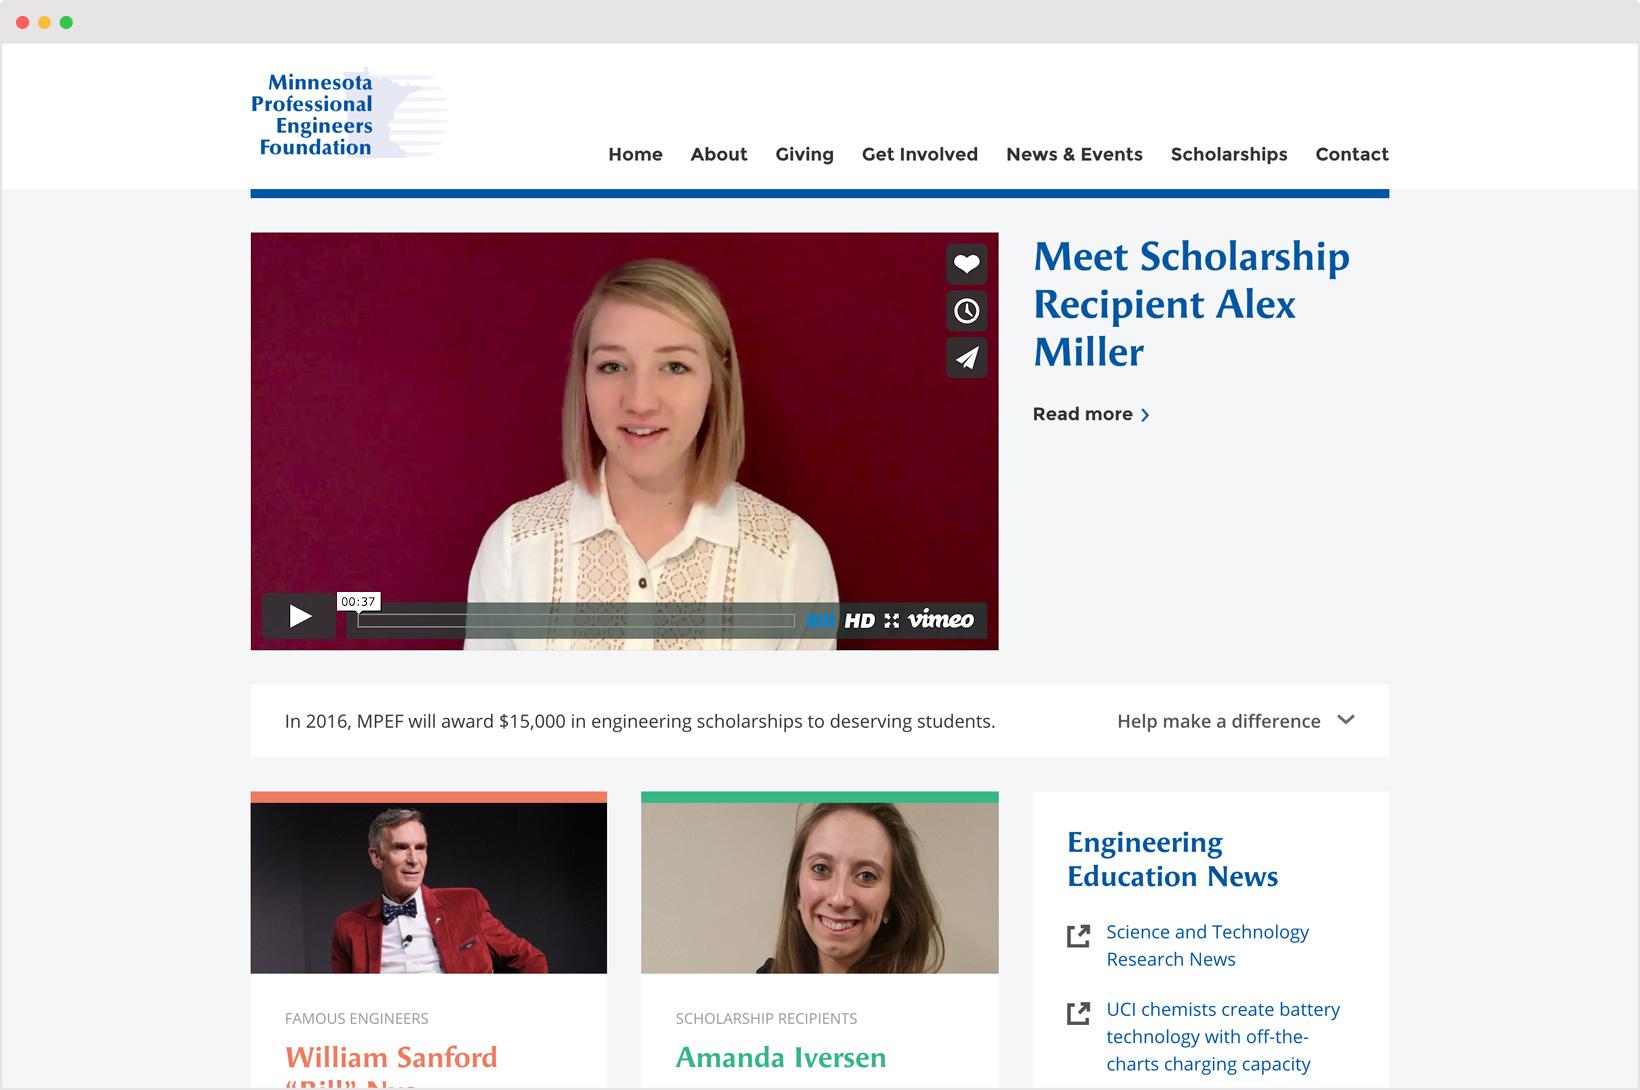 Minnesota Professional Engineers Foundation | Full Windsor